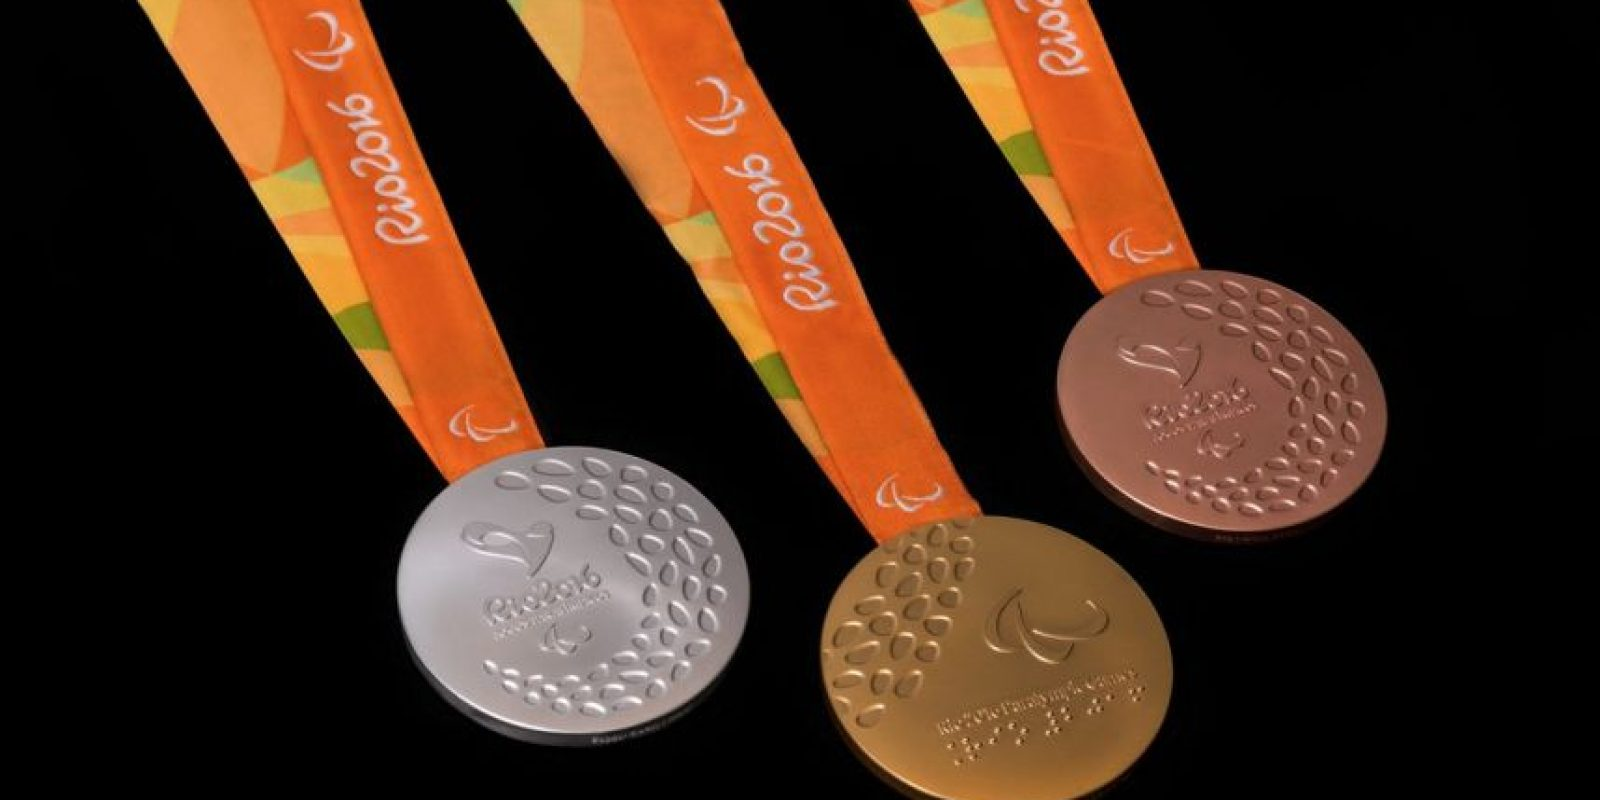 Medallas Paralímpicas Foto:@rio2016_es